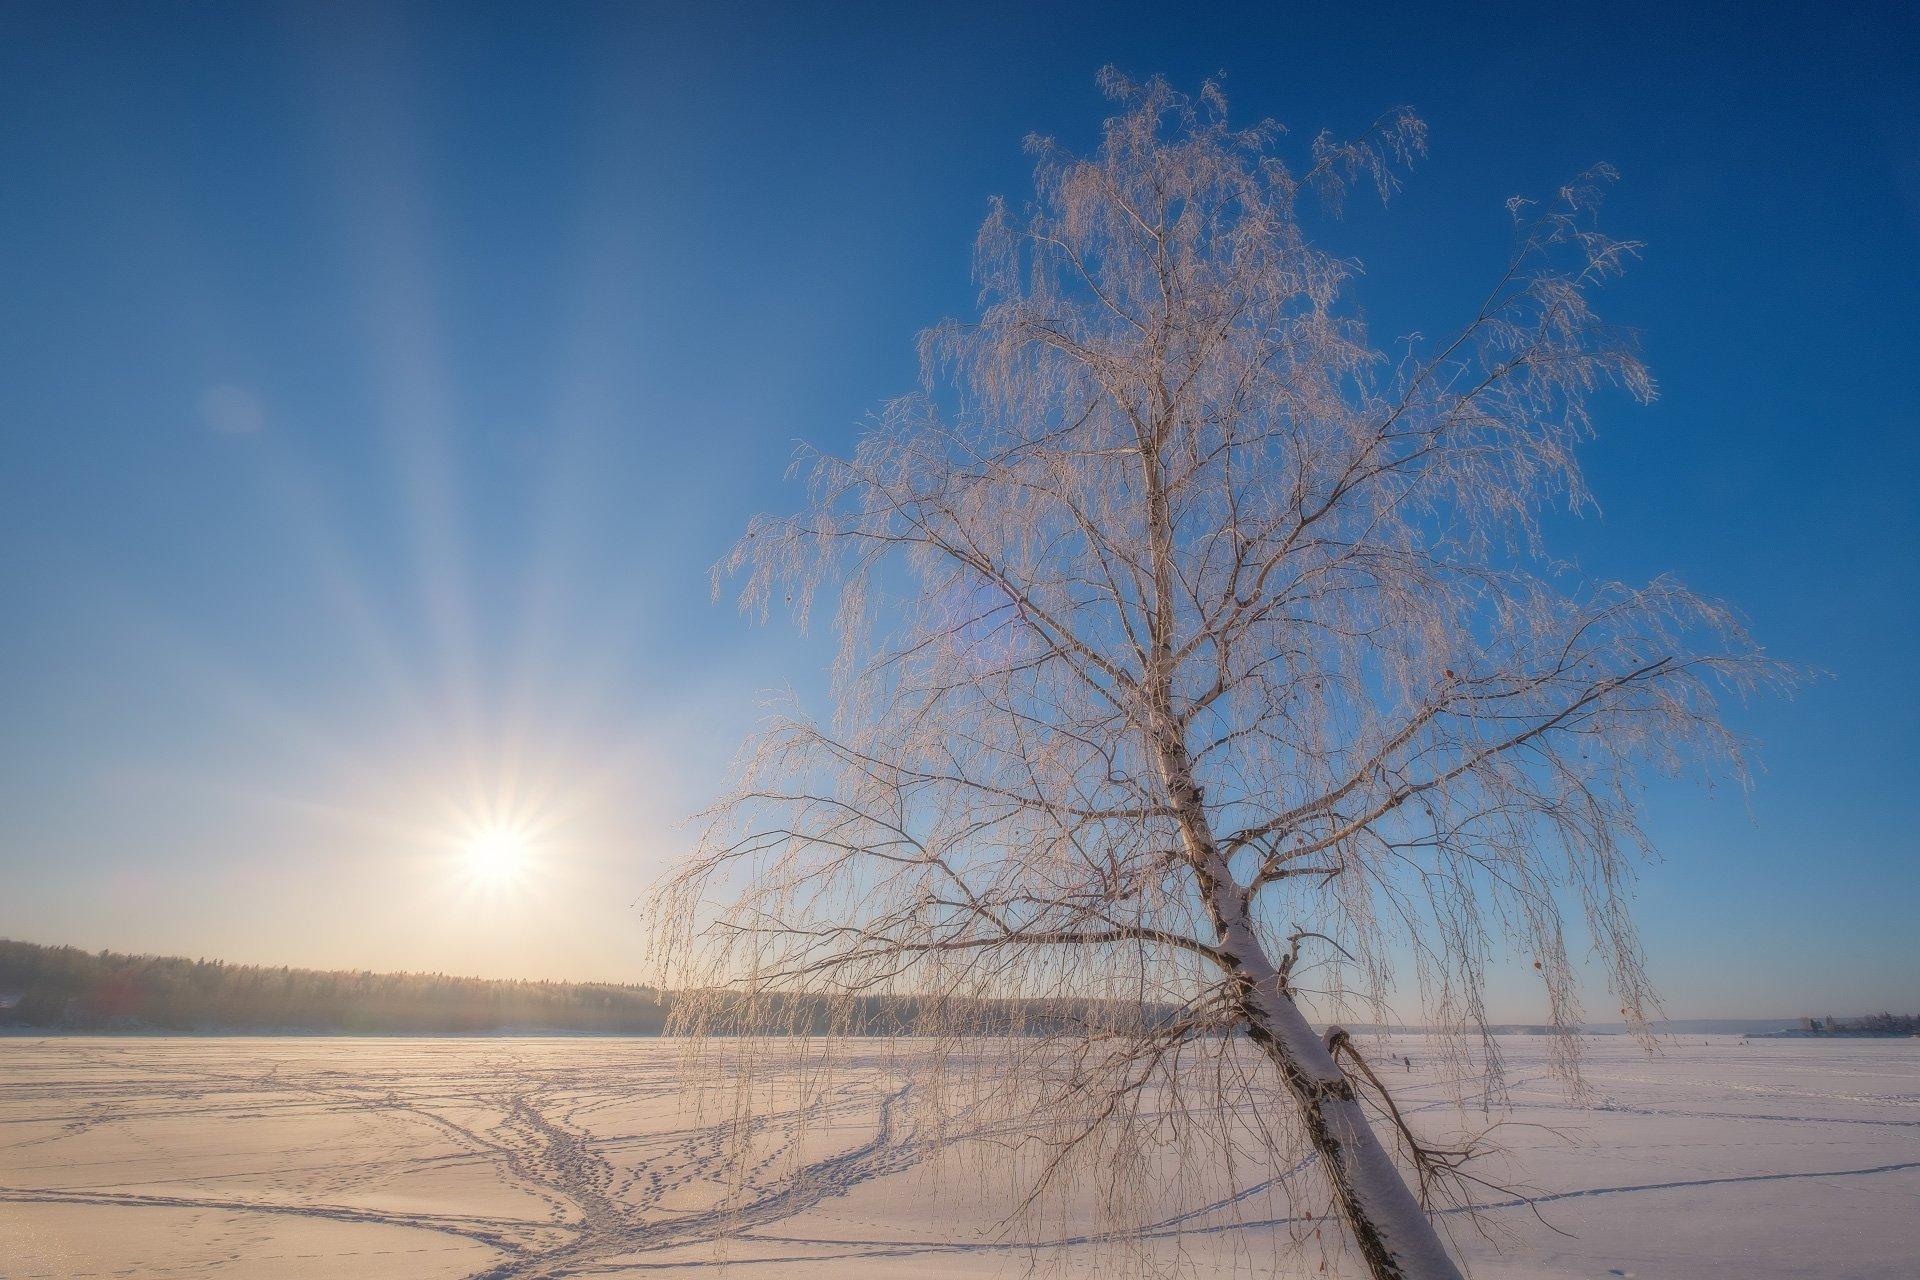 урал, зима, река, лед, снег, деревья, рассвет, утро, береза, рыбаки, солнце, лучи, Андрей Чиж